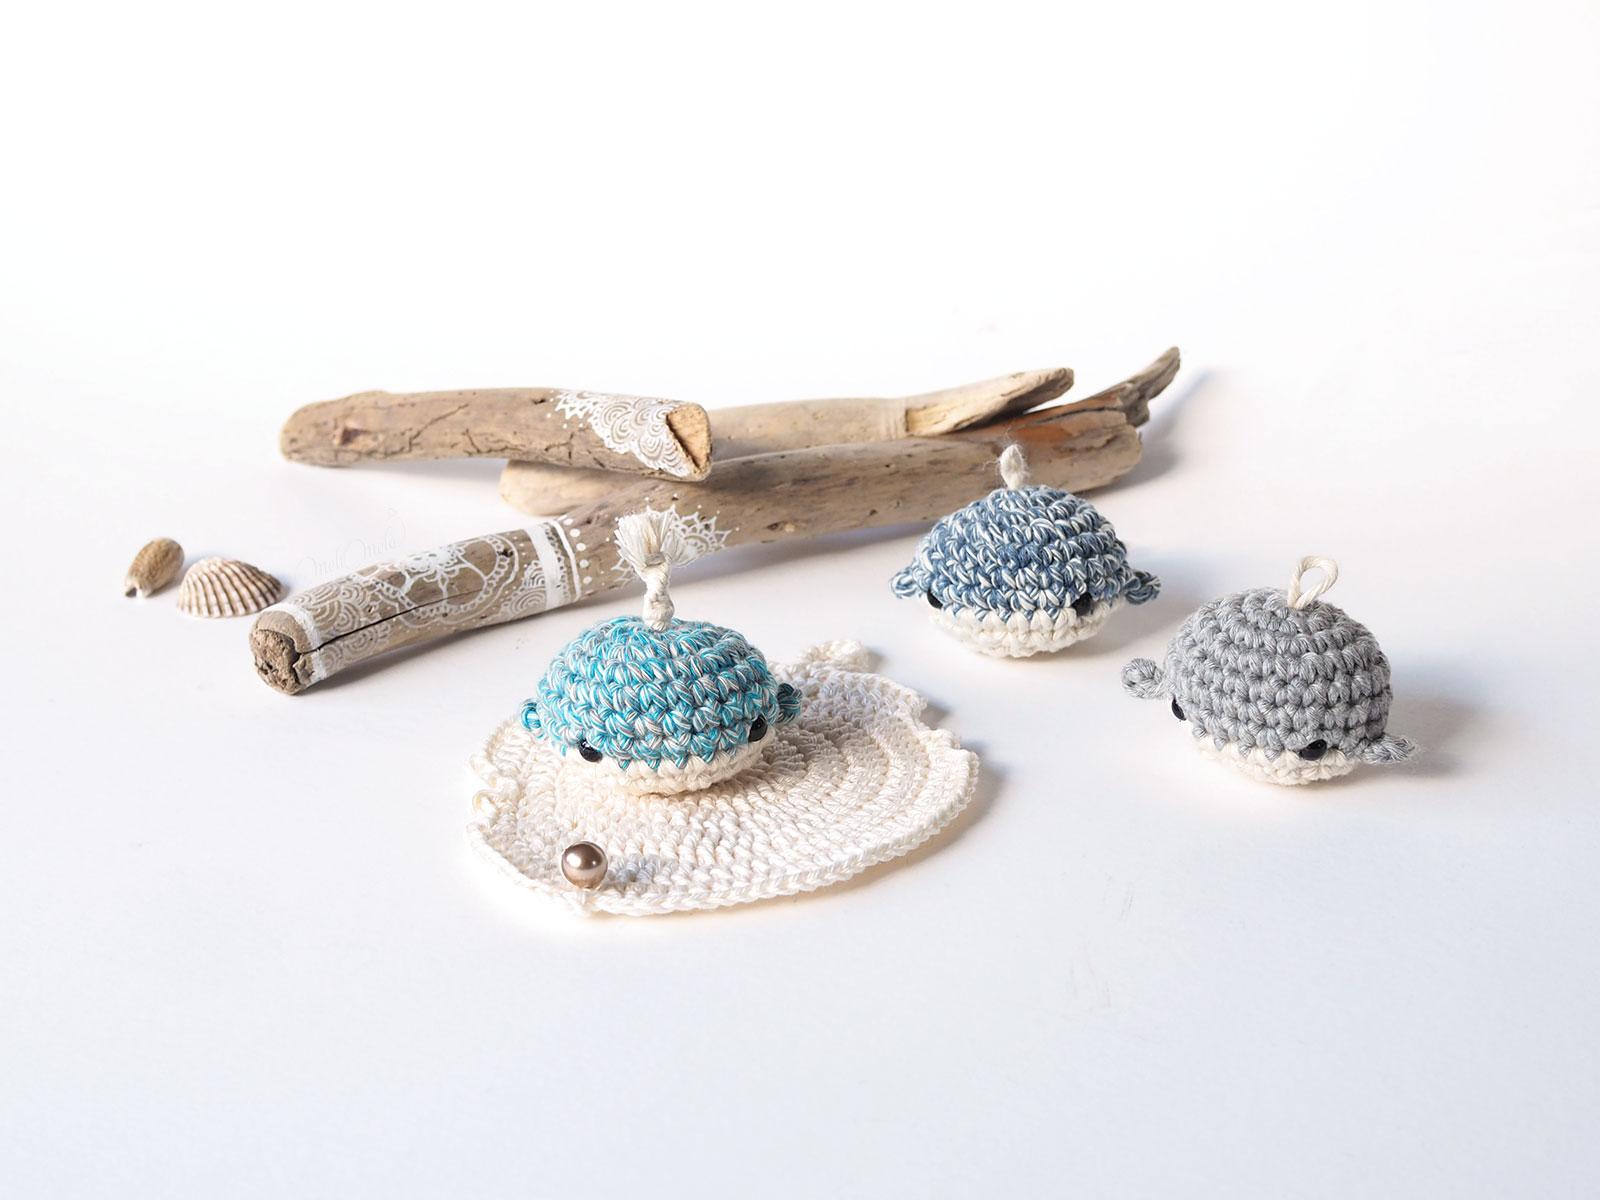 mini baleines bois flottés crochet coquillage perle nacré Swarovski woolandthegang Lalylala laboutiquedemelimelo